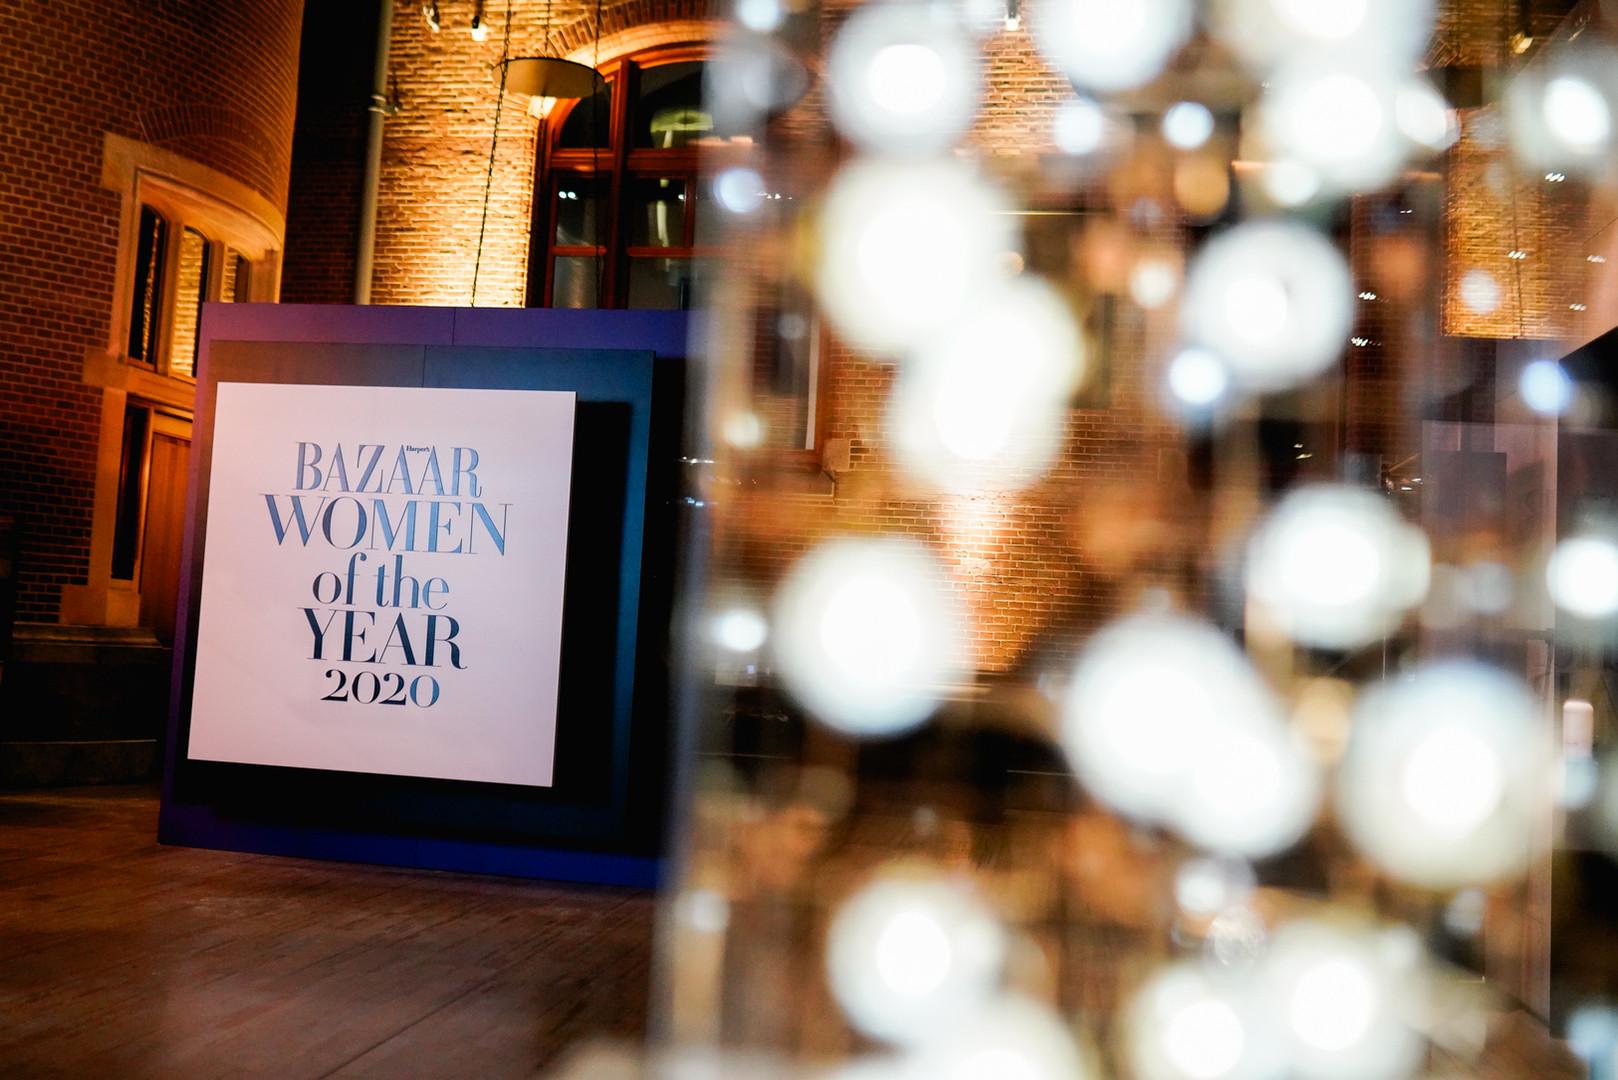 Harpers Bazaar Women of the Year award 2